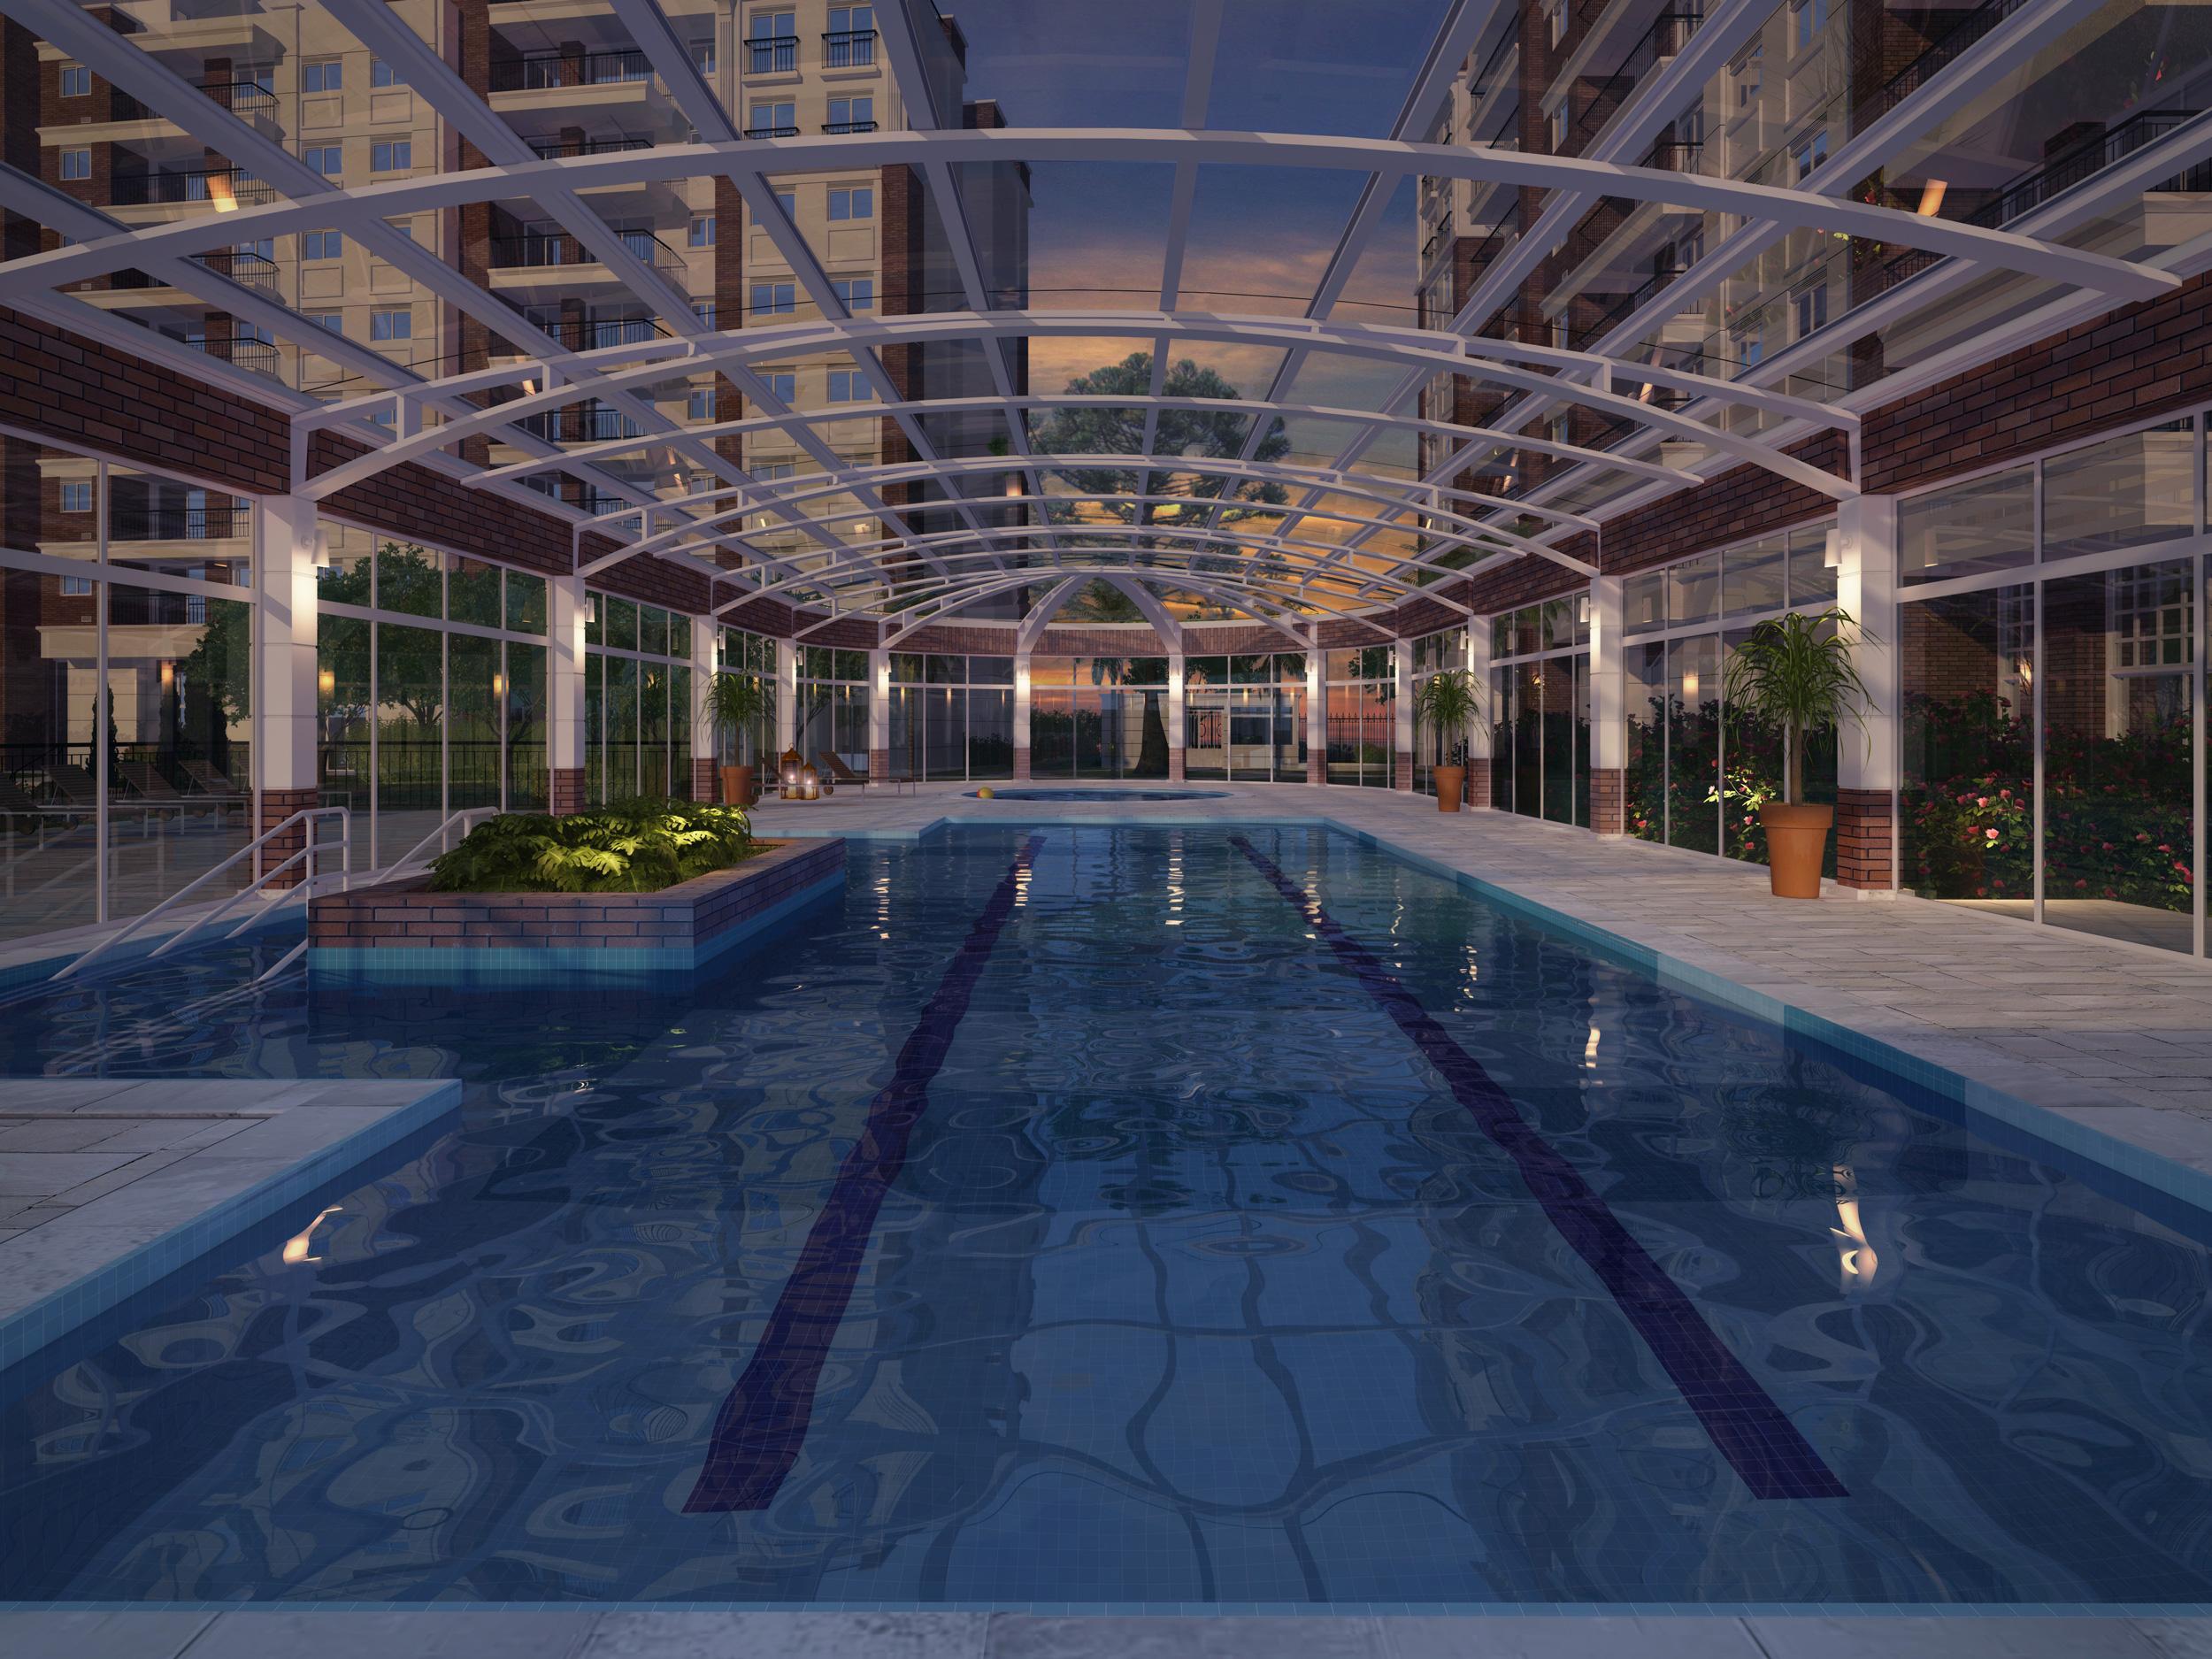 Área Comum | WestSide Comfort Residences – Apartamentono  Vila Izabel  - Curitiba - Paraná